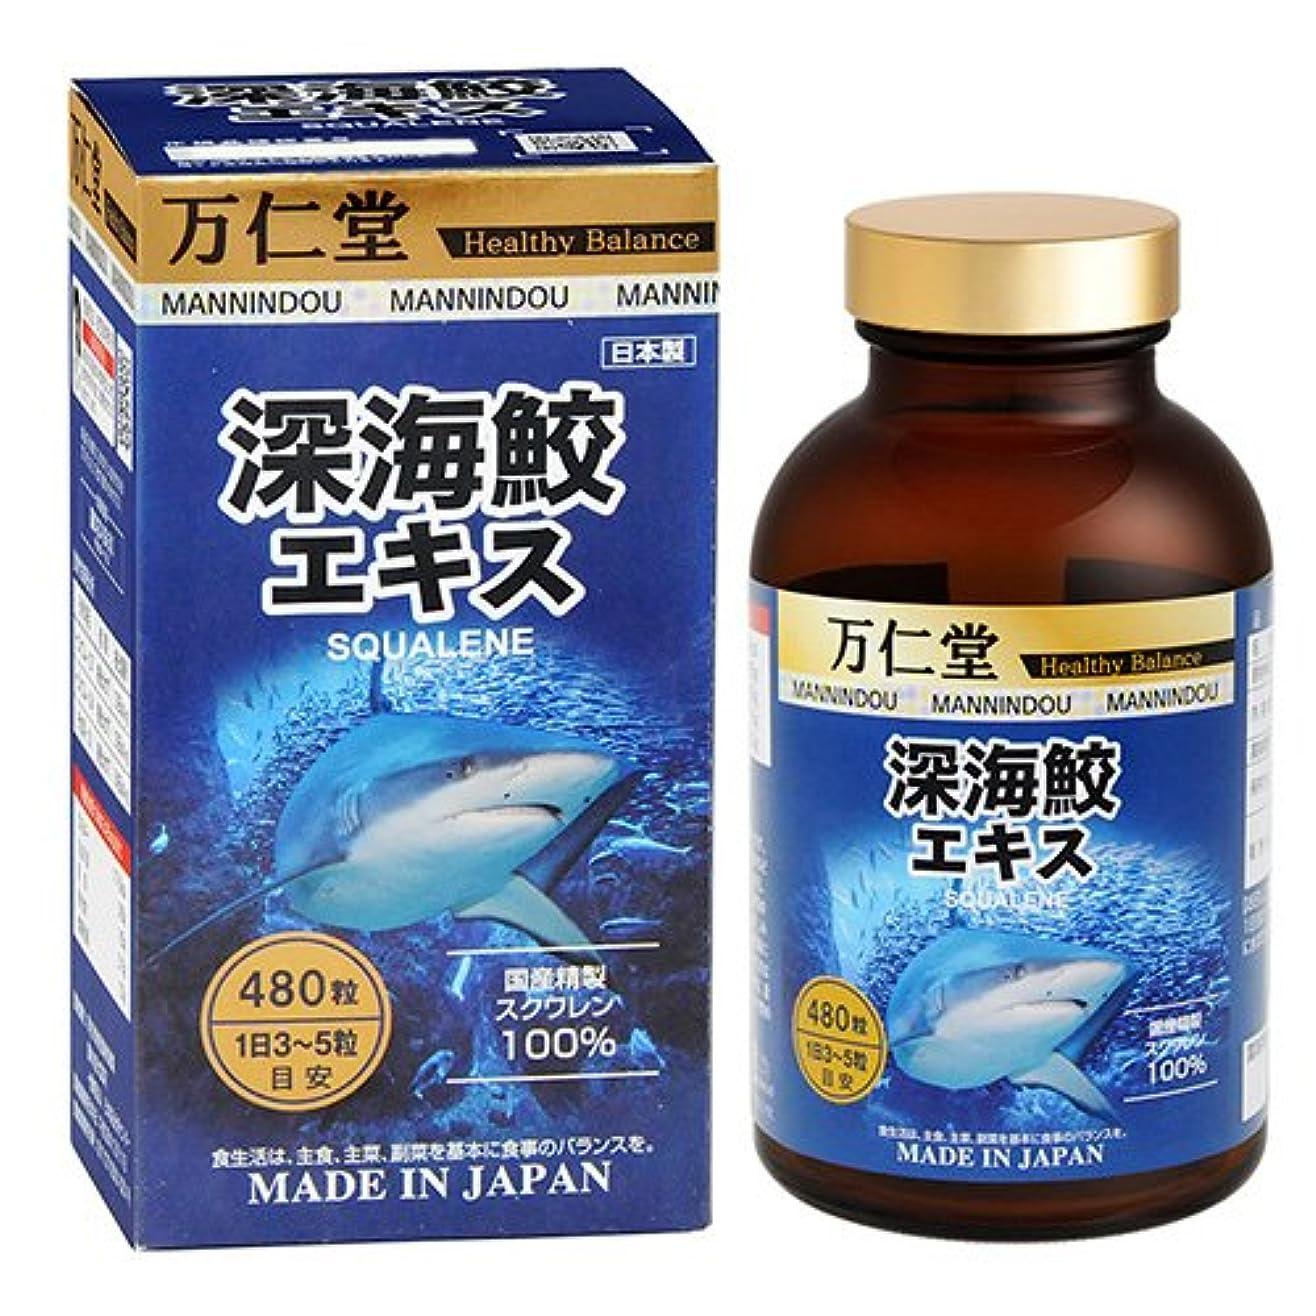 ロック不適当森林万仁堂 深海鮫エキス (3ヶ月分) - SH762323